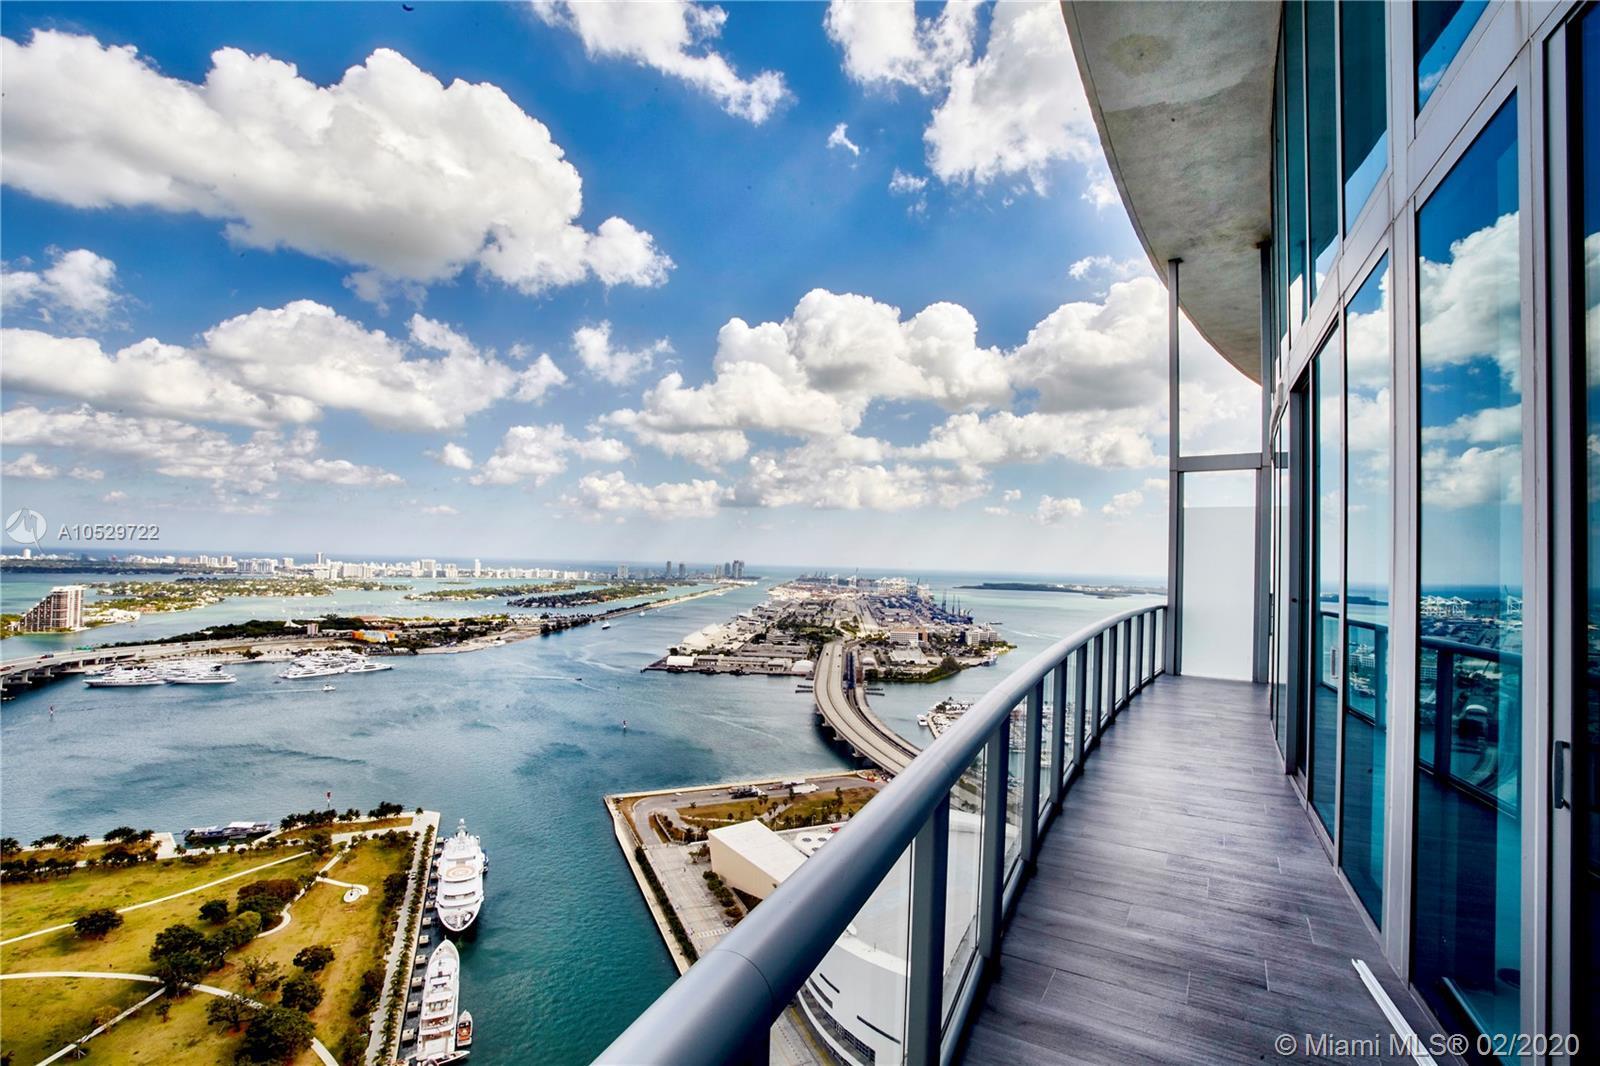 888 Biscayne Blvd Miami, FL 33132